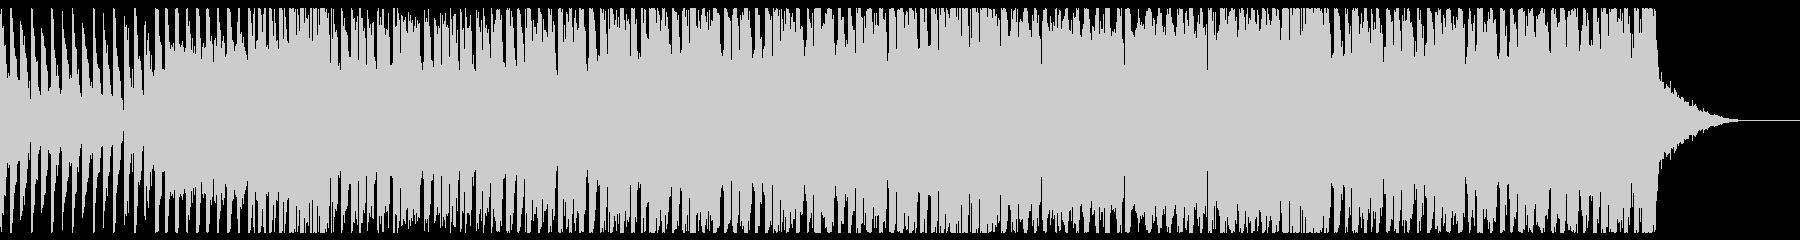 おしゃれなハウス系EDMです。の未再生の波形